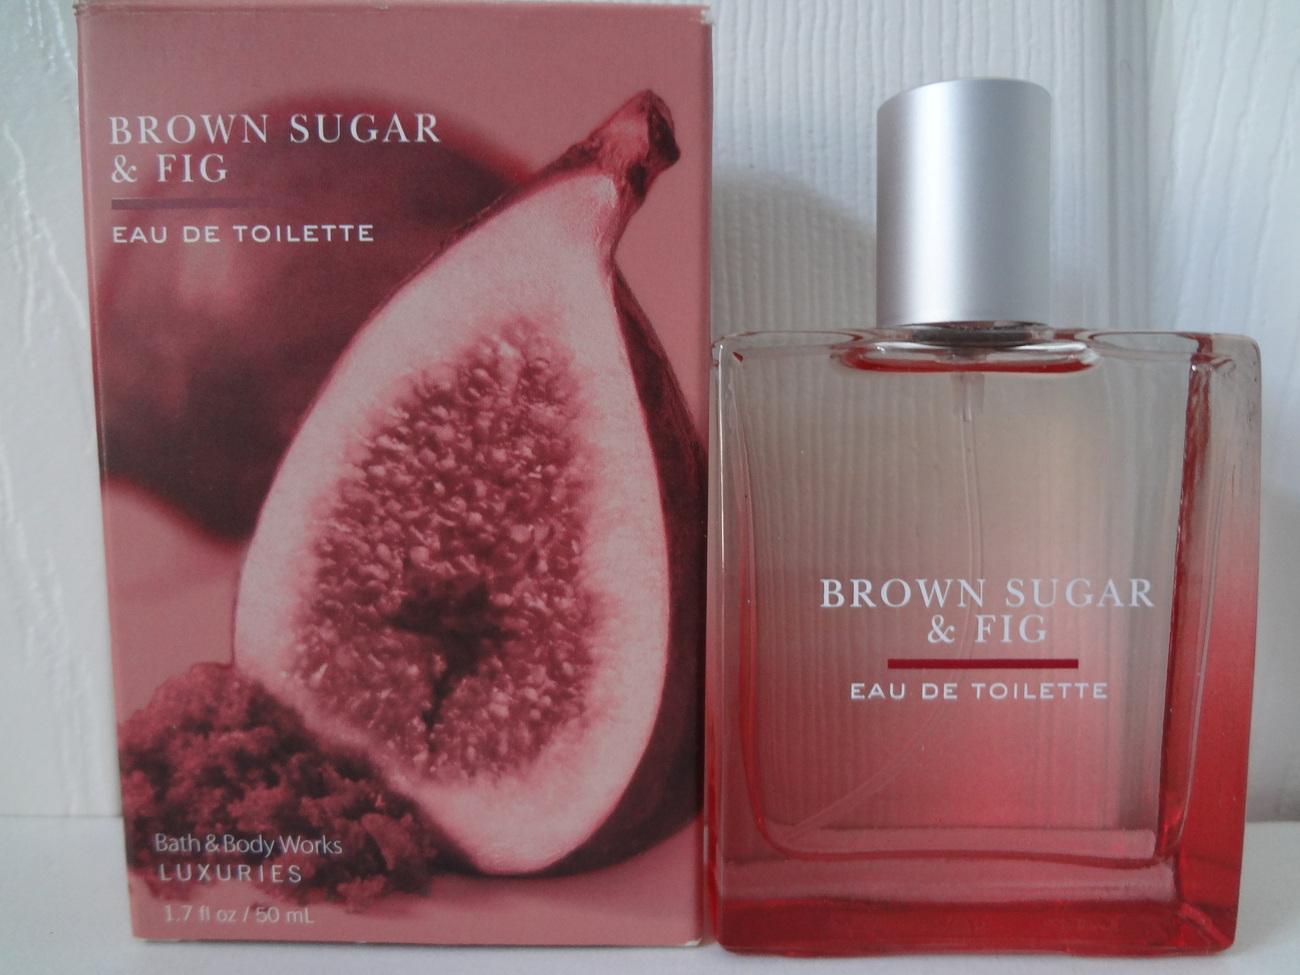 Bath & Body Works Luxuries Brown Sugar & Fig Eau De Toilette 1.7 fl oz / 50 ml